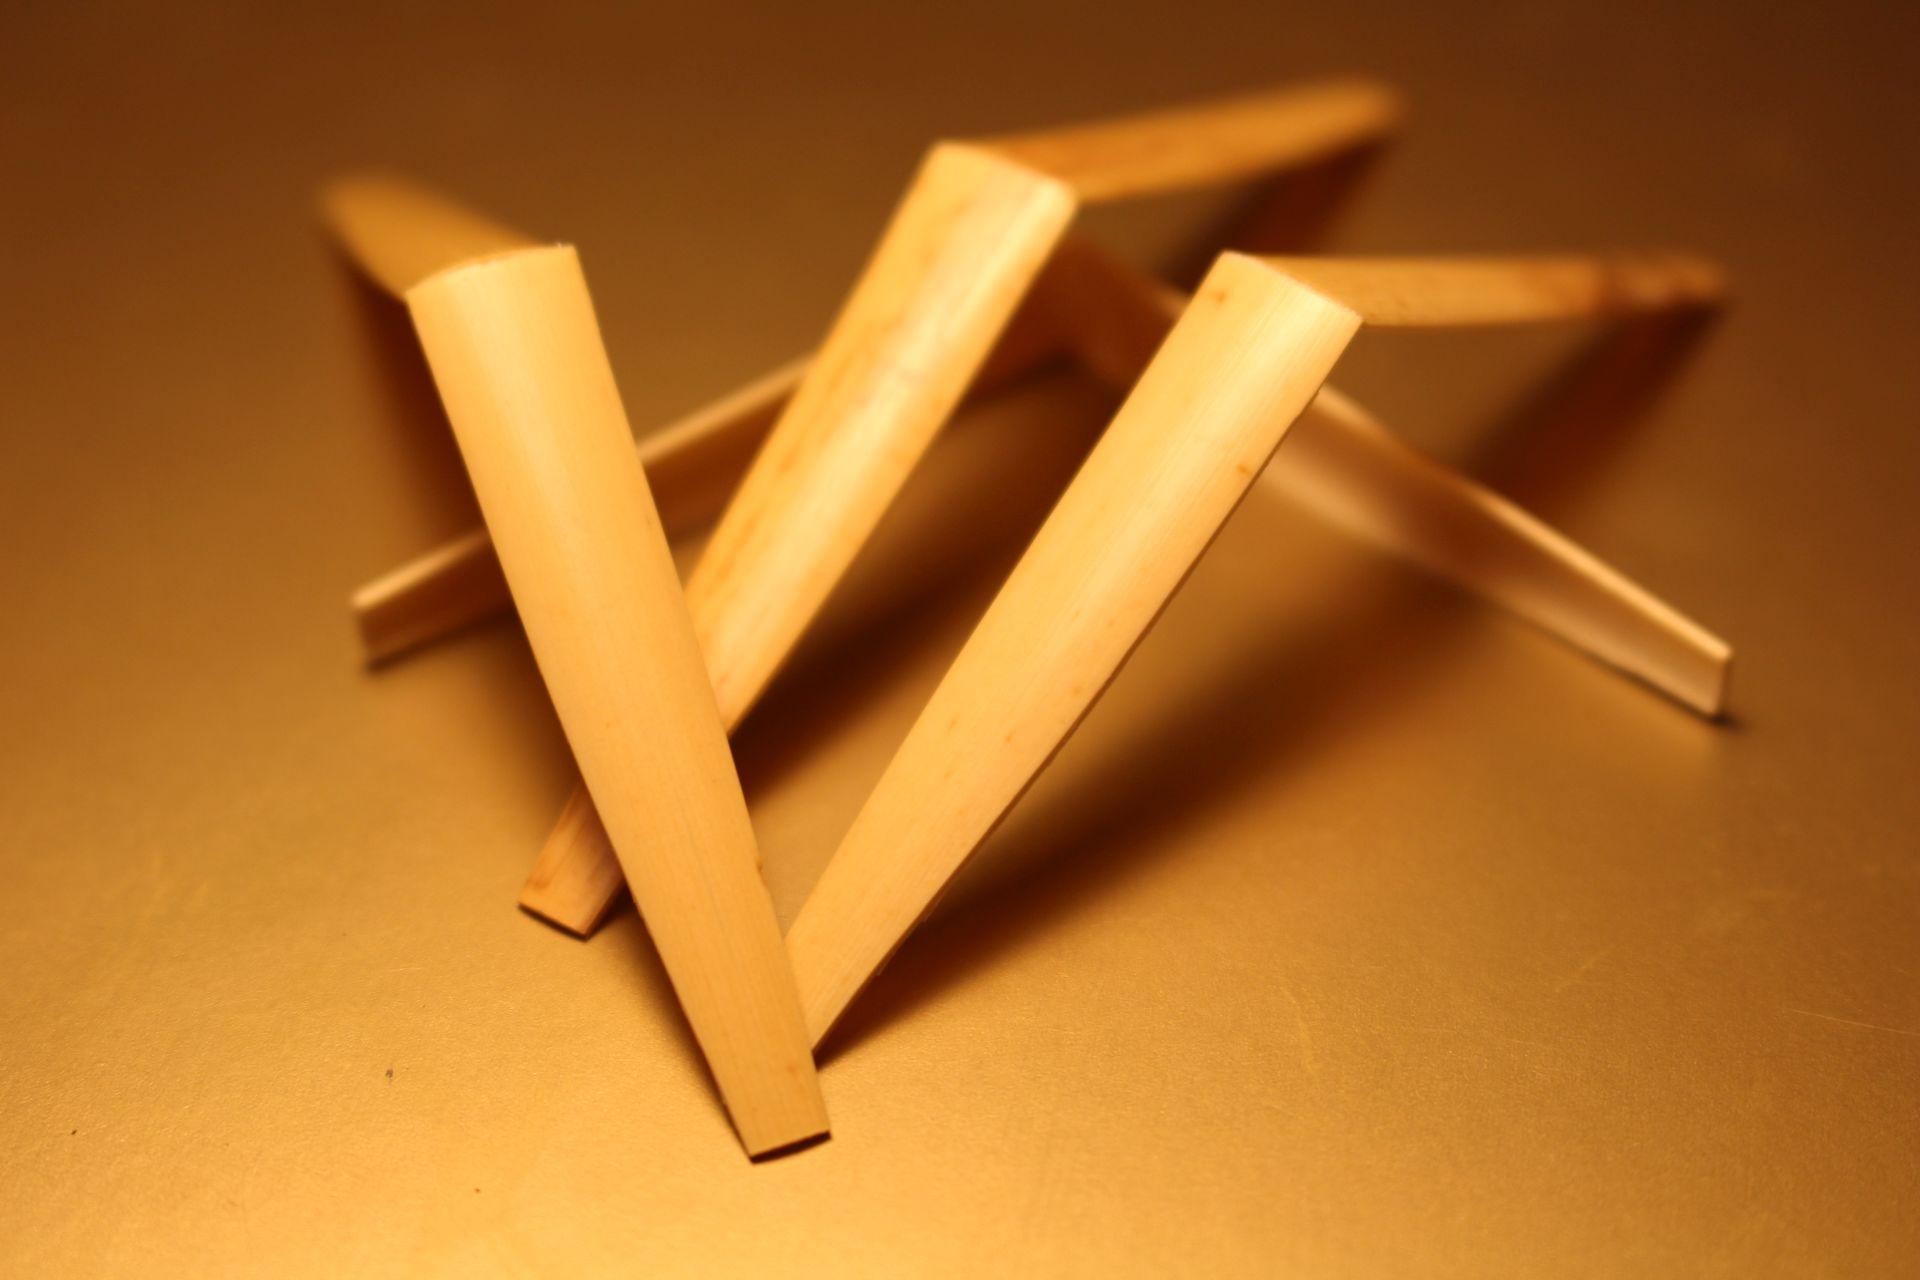 oboe-reed-stuff-palhetas-canas-3